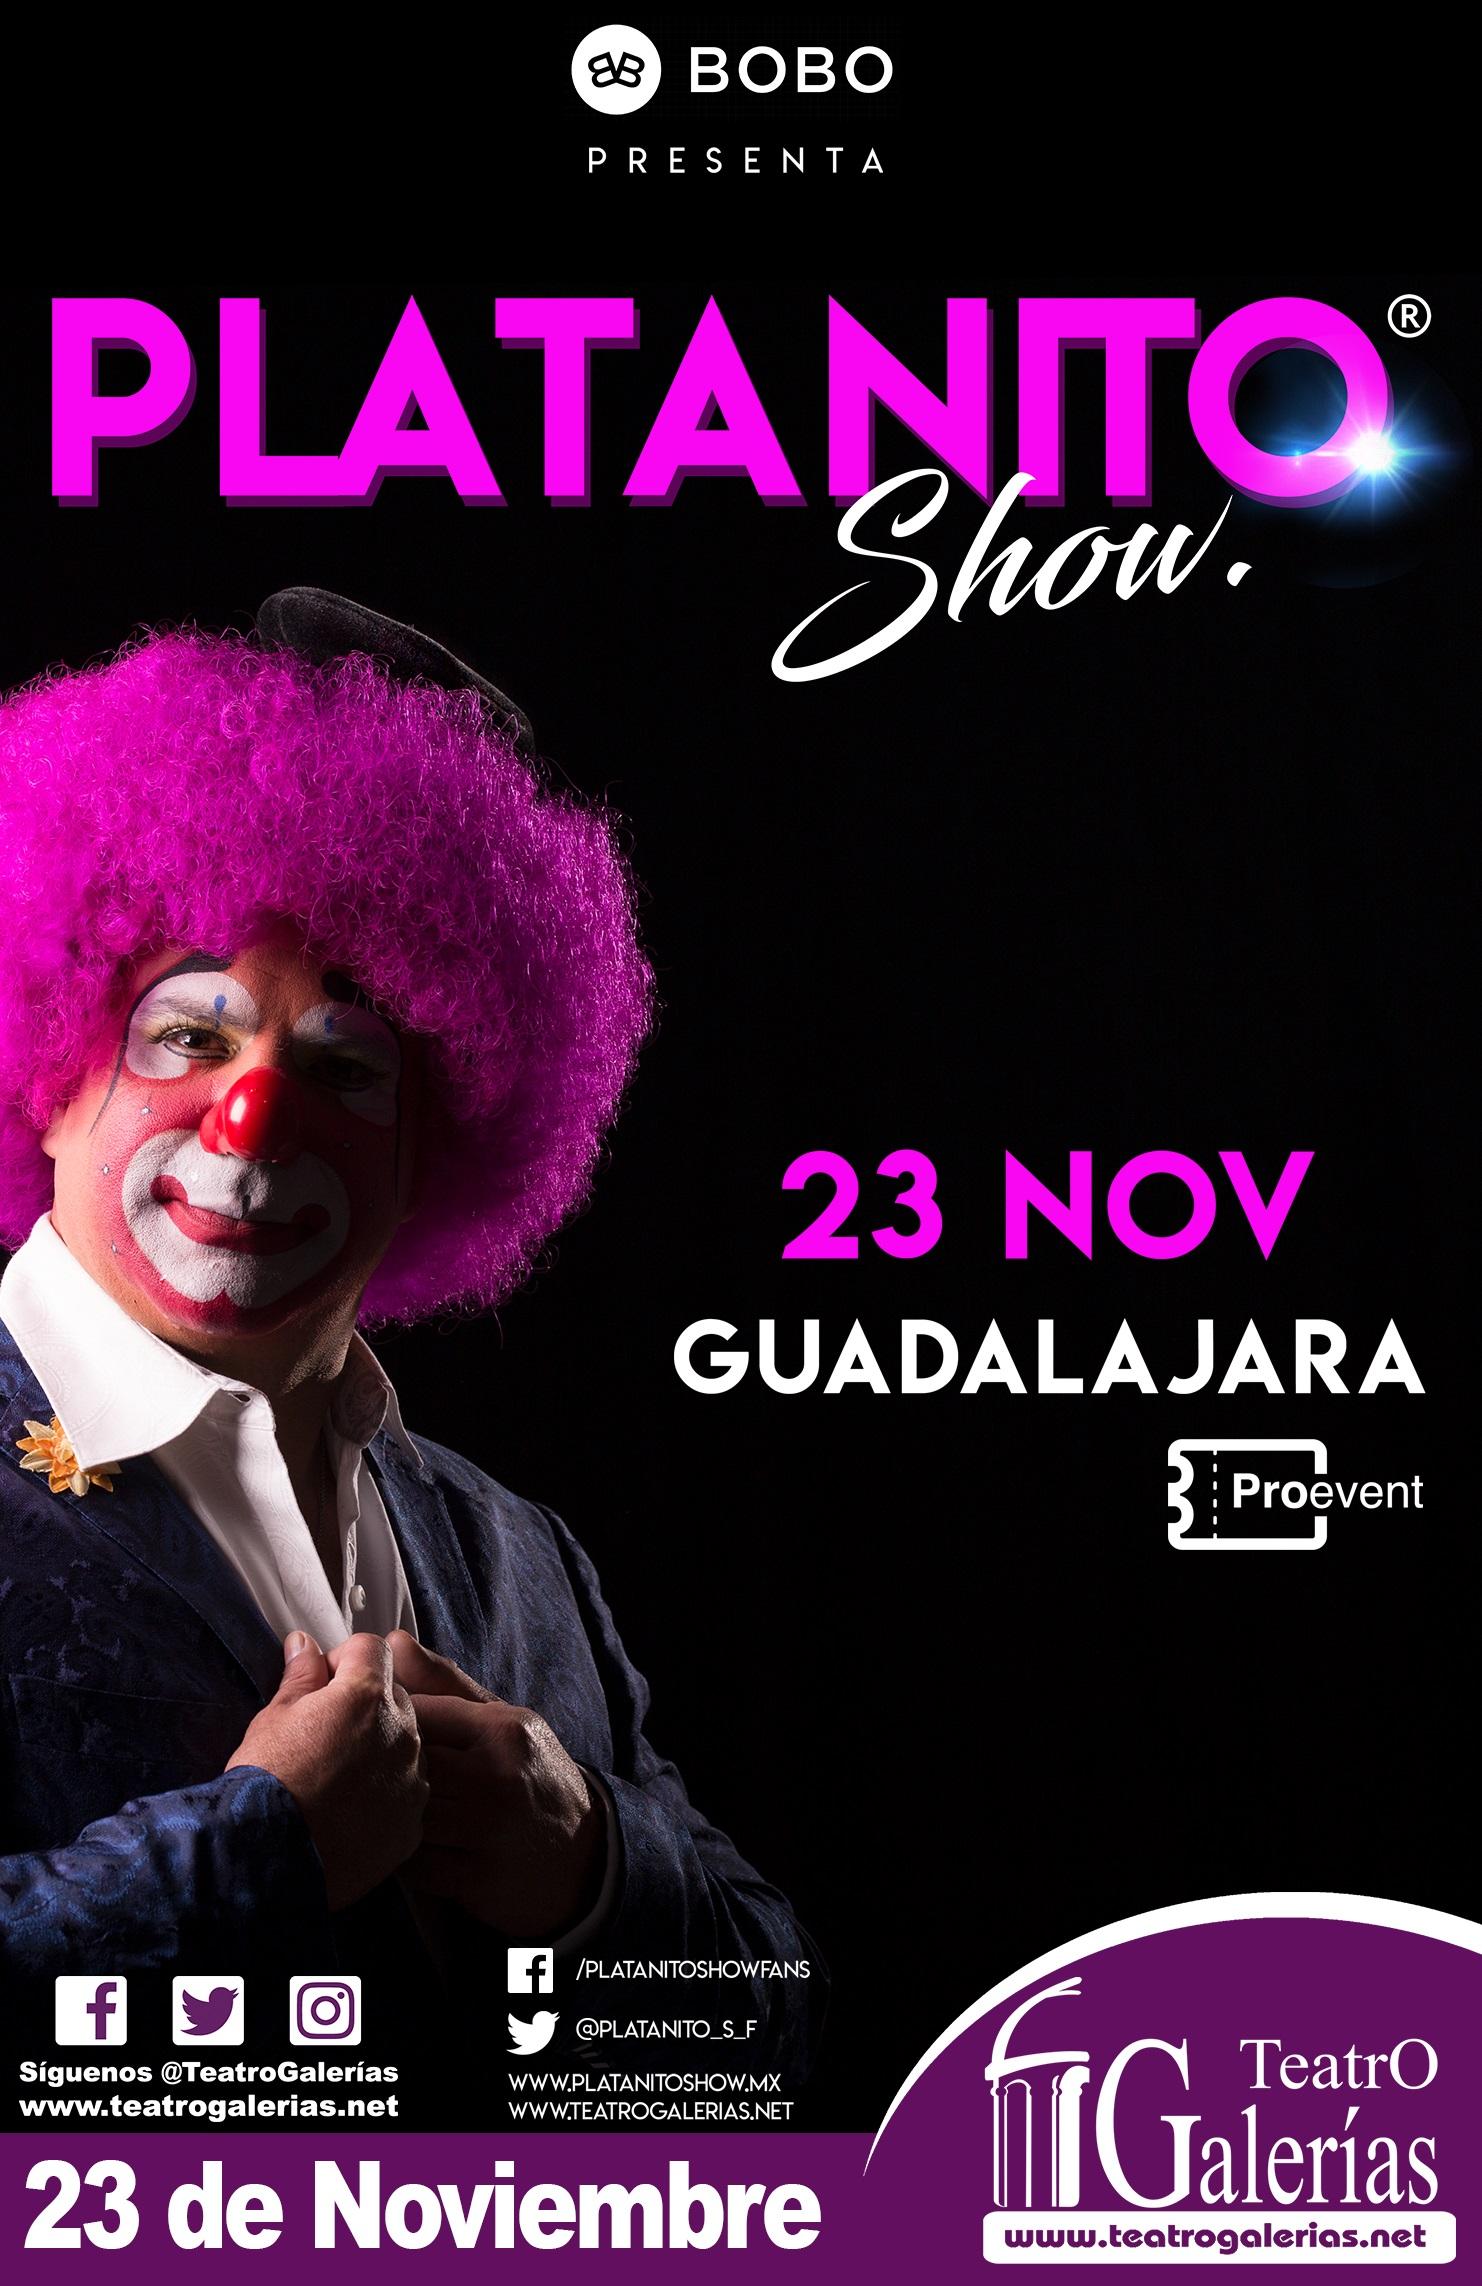 Platanito Show / Teatro Galerías